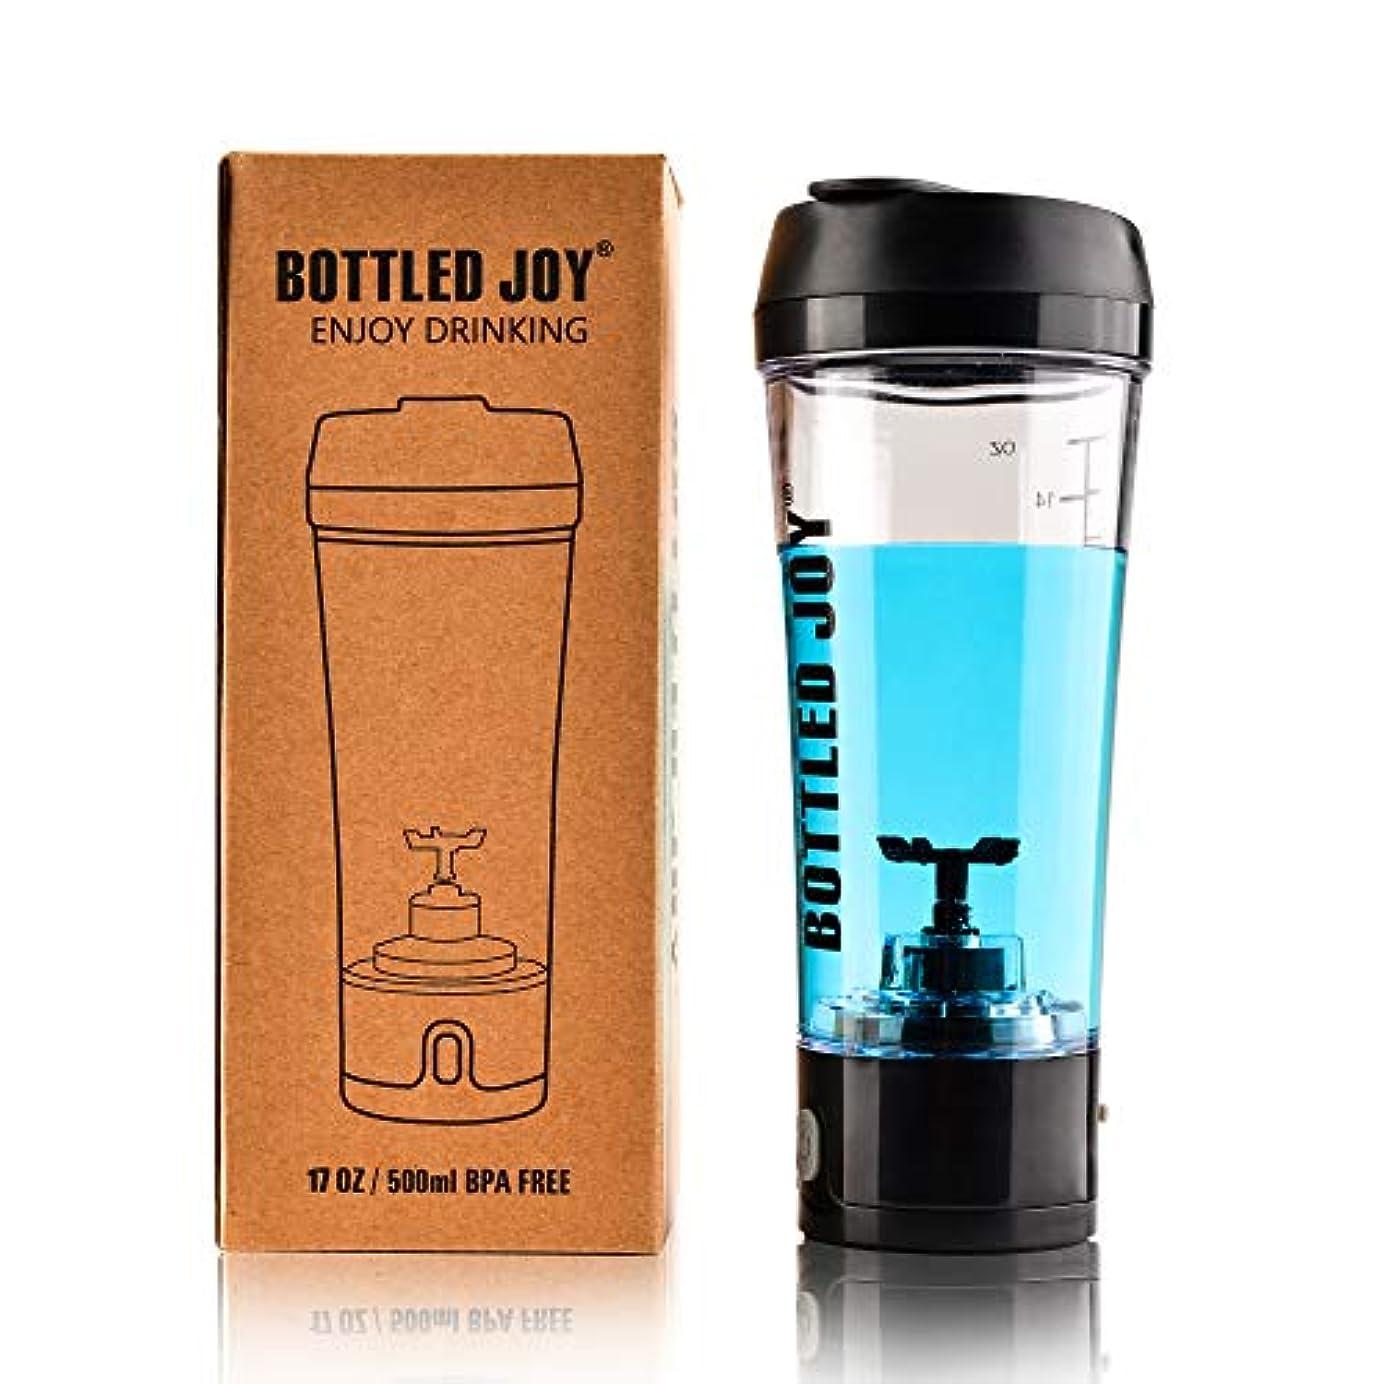 住居セーター準備するBottled Joy Electric Shaker Bottle、USB Rechargeable Protein Shaker、high-torque Stirring Blenderミキサーのスポーツマンと女性16oz...